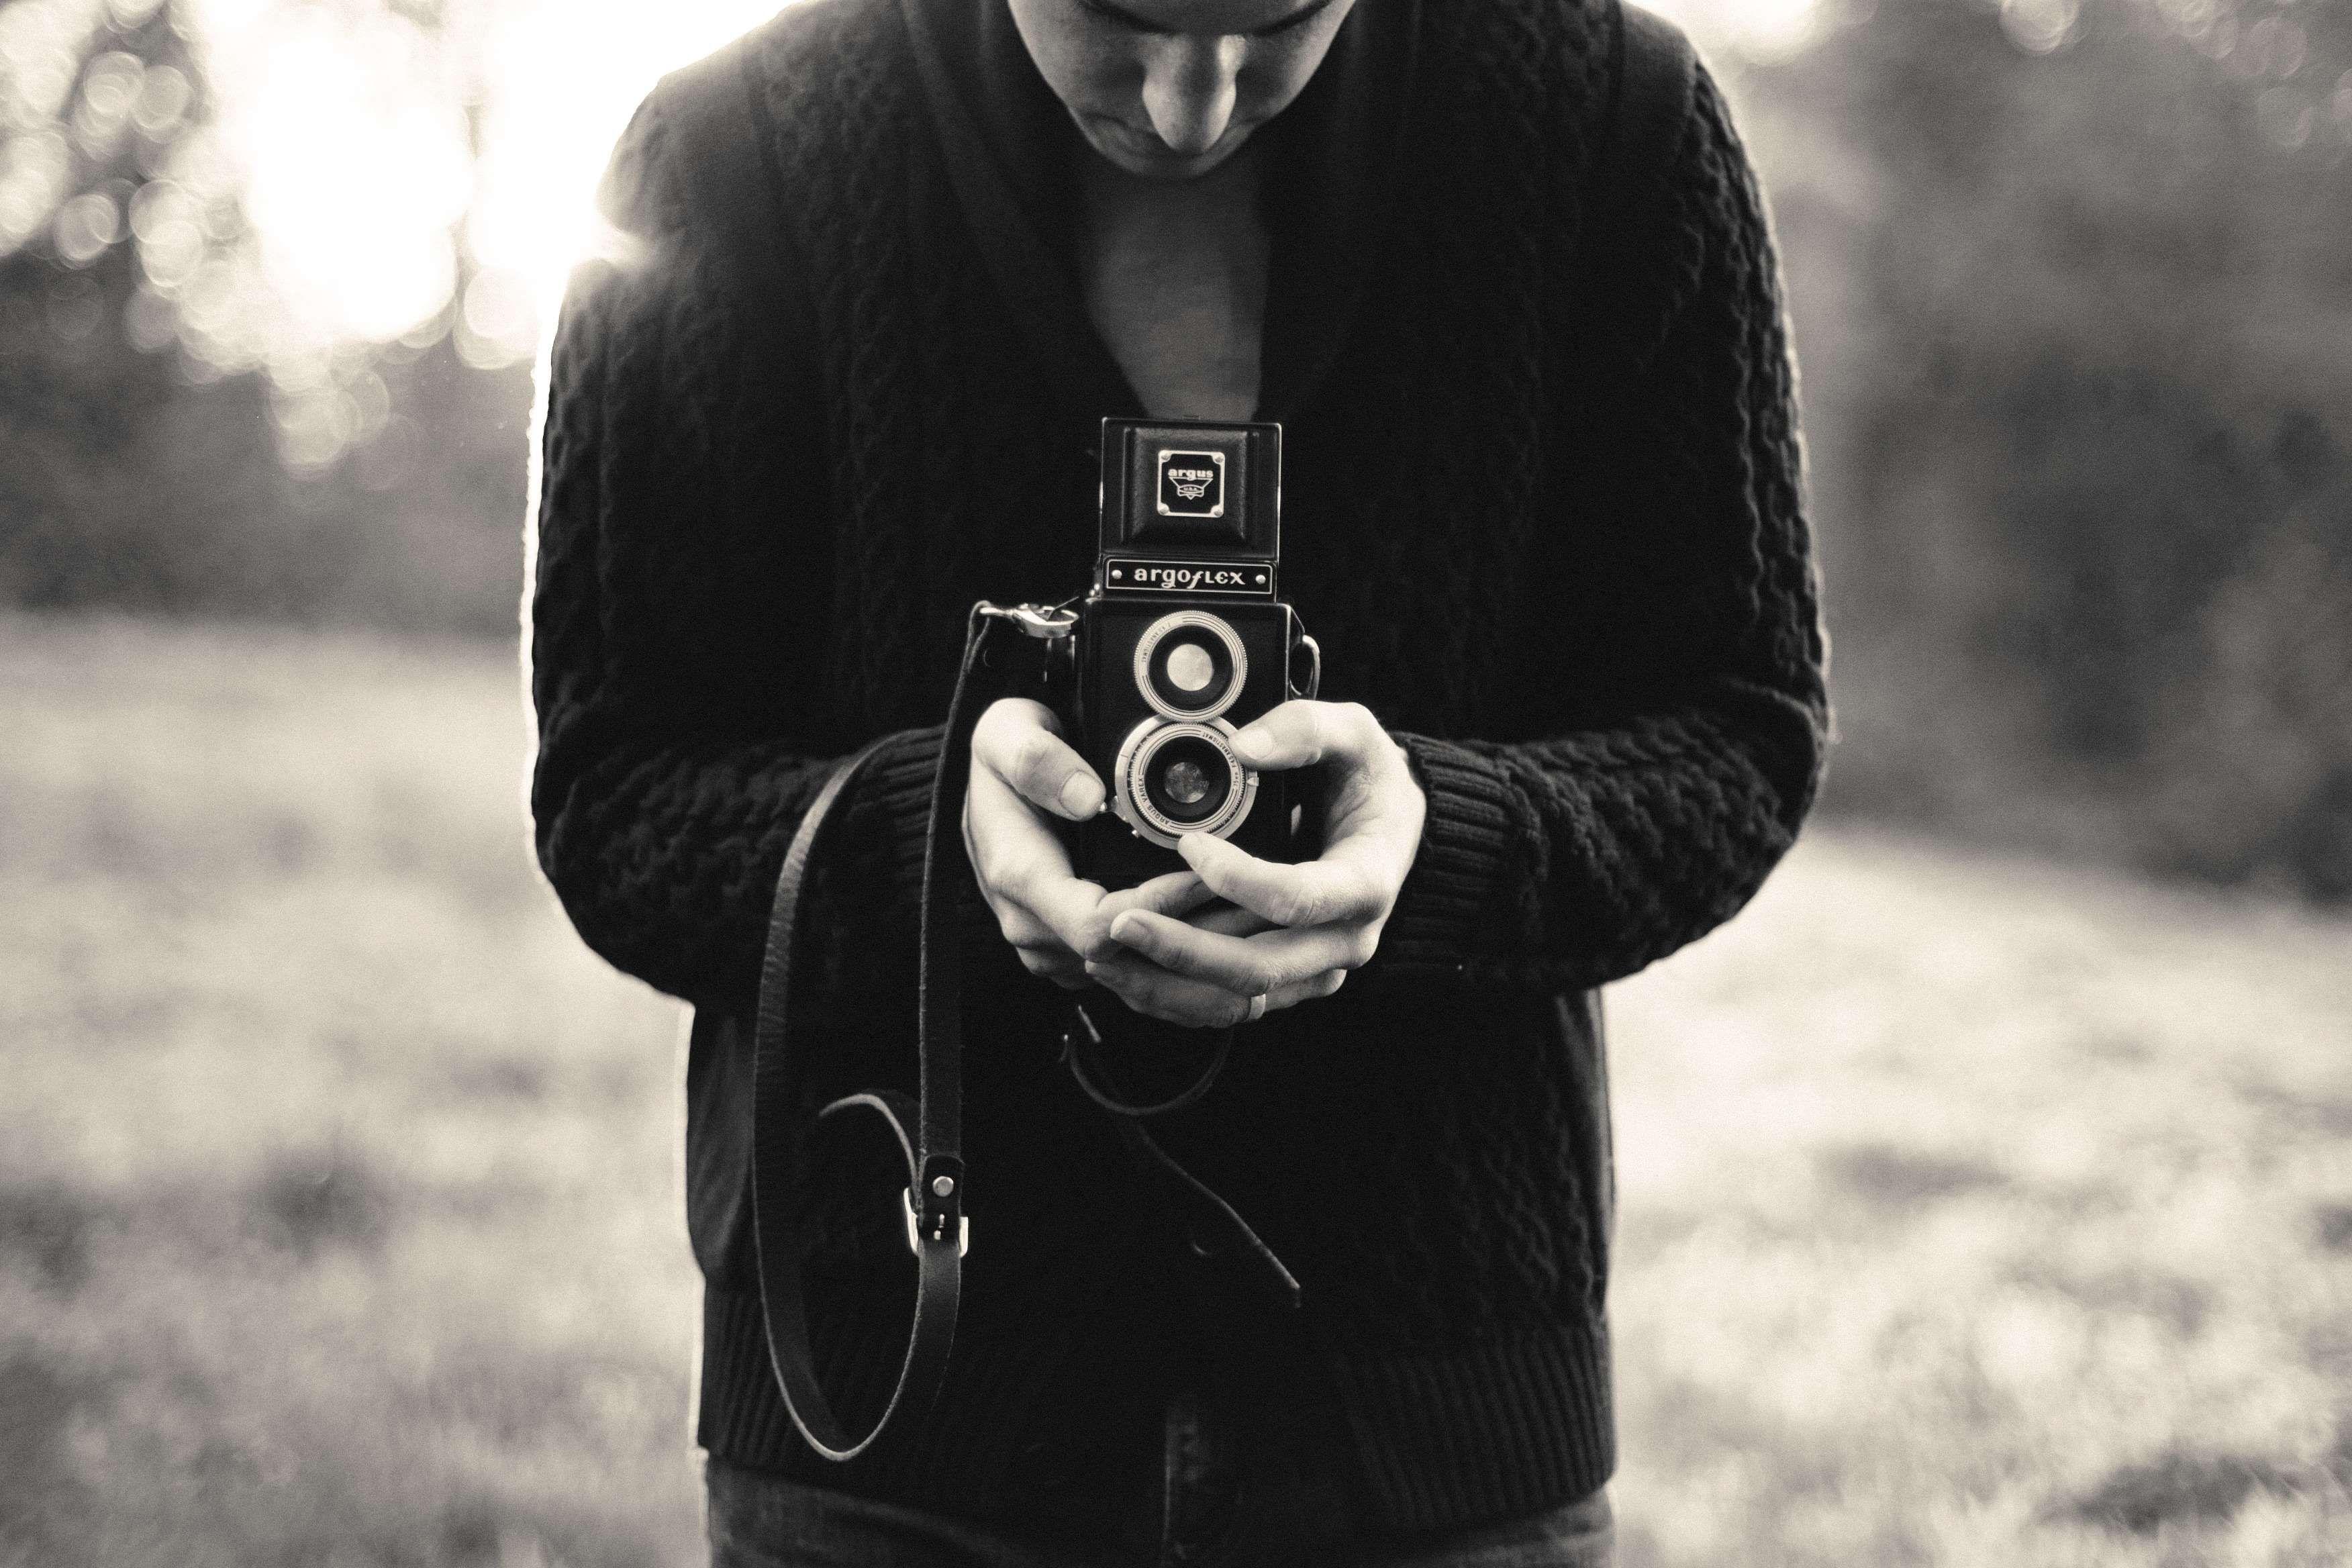 Argoflex Black And White Camera Digital Camera Lens Lense